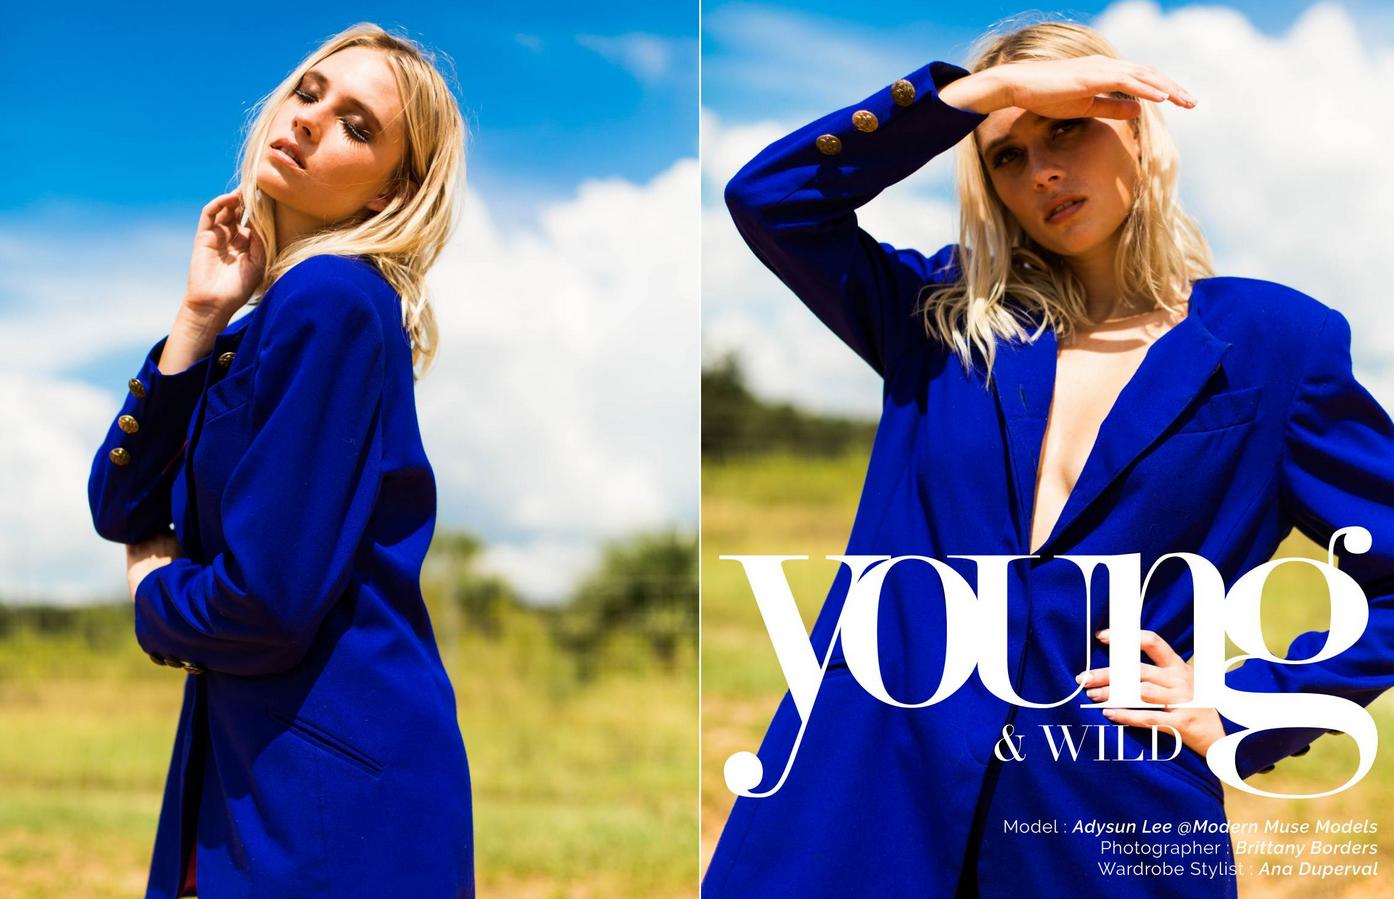 svperdvperfly surreal magazine fashion stylist published